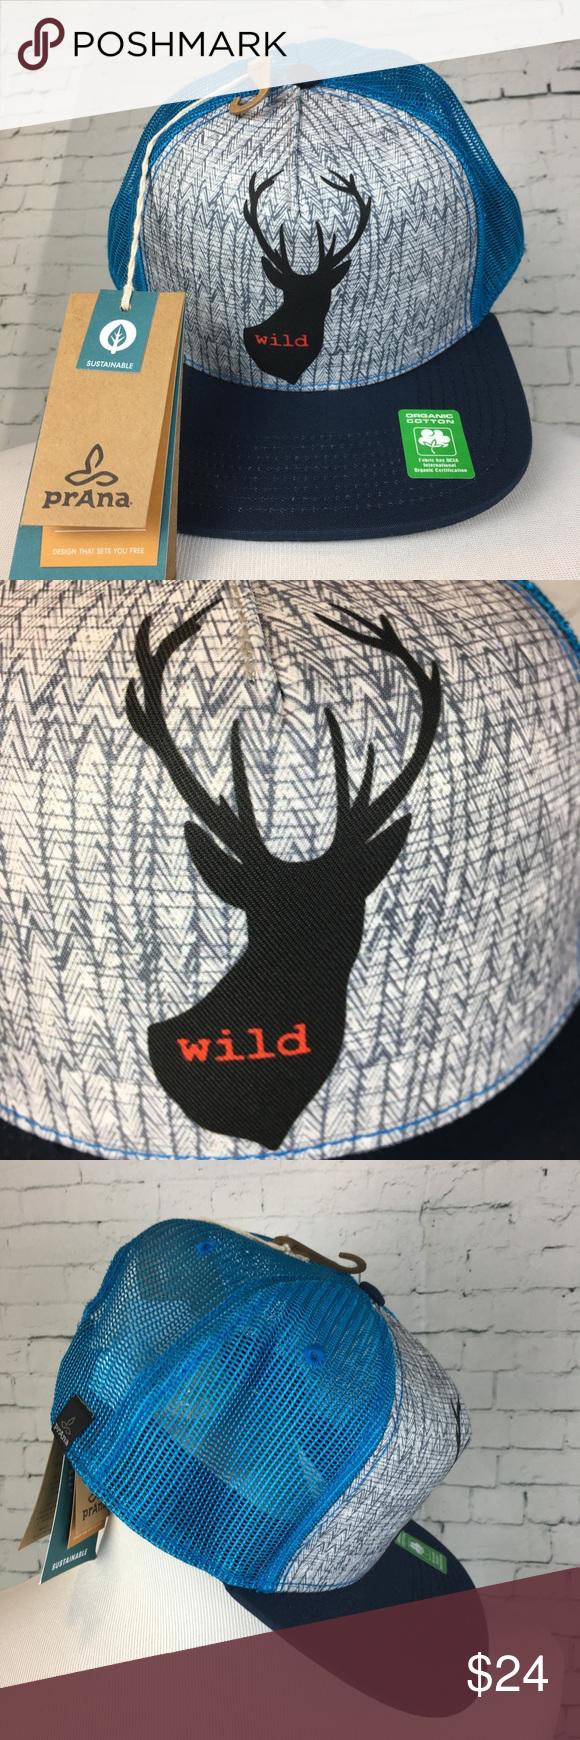 ec28e7f7 NWT PrAna Trucker Hat Buck Wild NWT PrAna Journeyman Buck Wild Trucker Hat  is made with